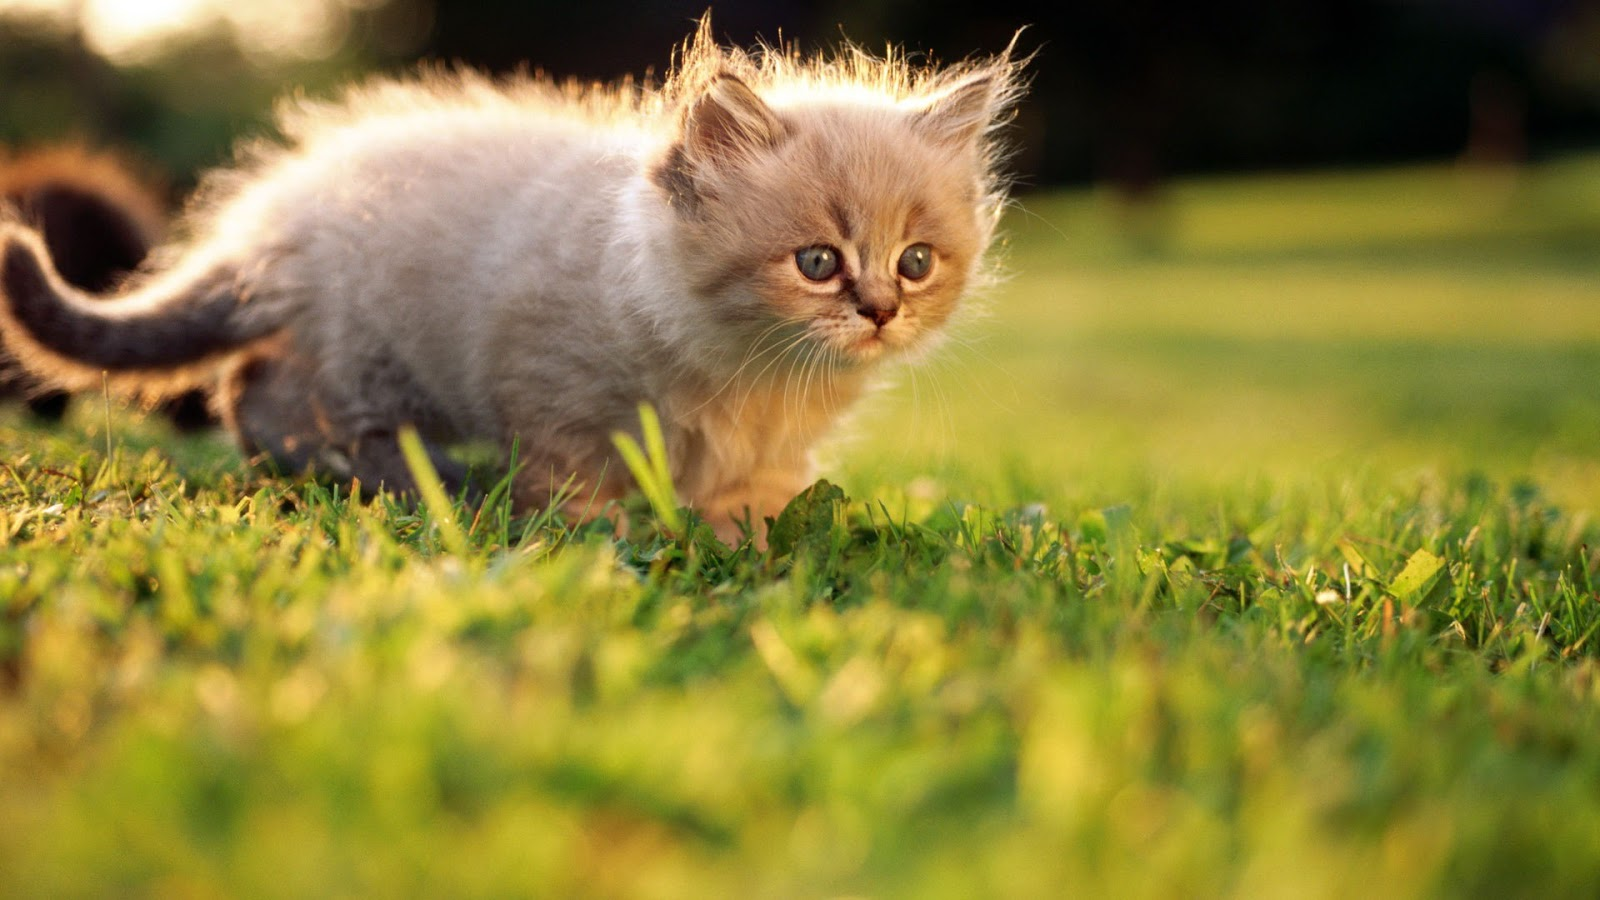 cute kittens